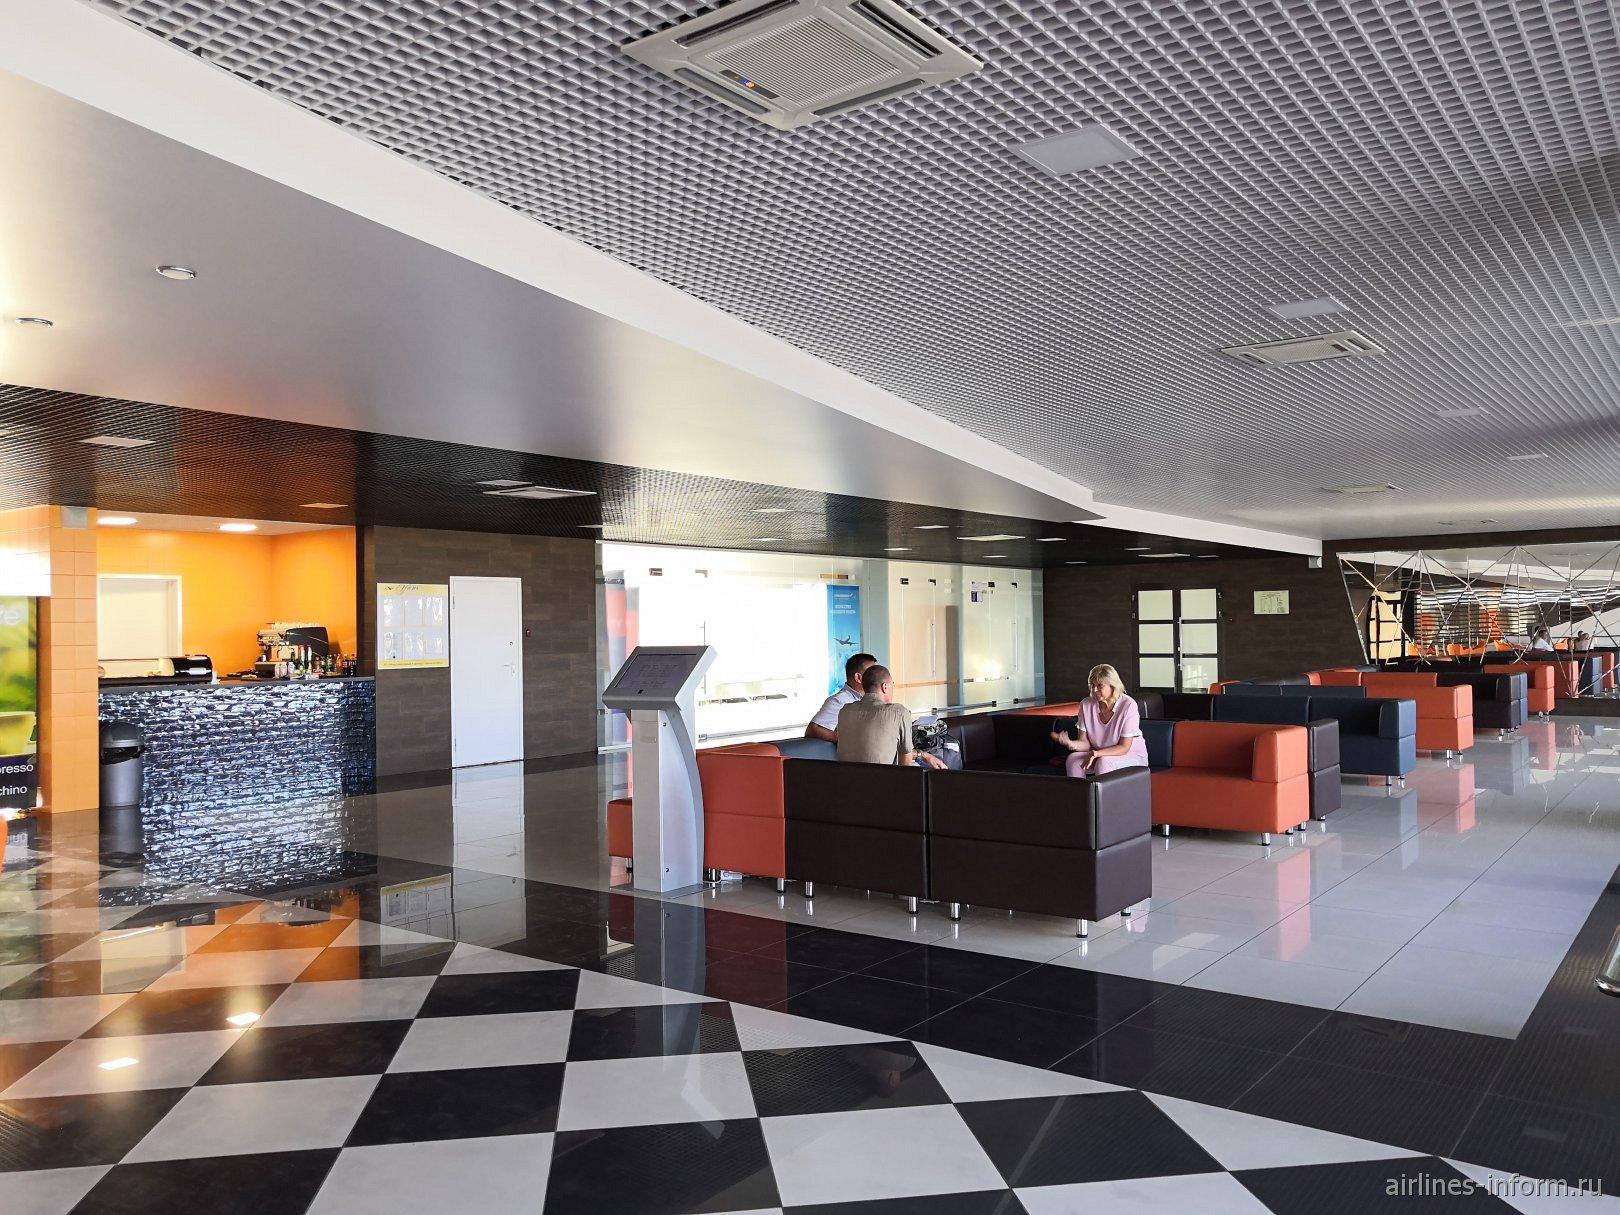 Зал ожидания на втором этаже аэровокзала аэропорта Магнитогорск